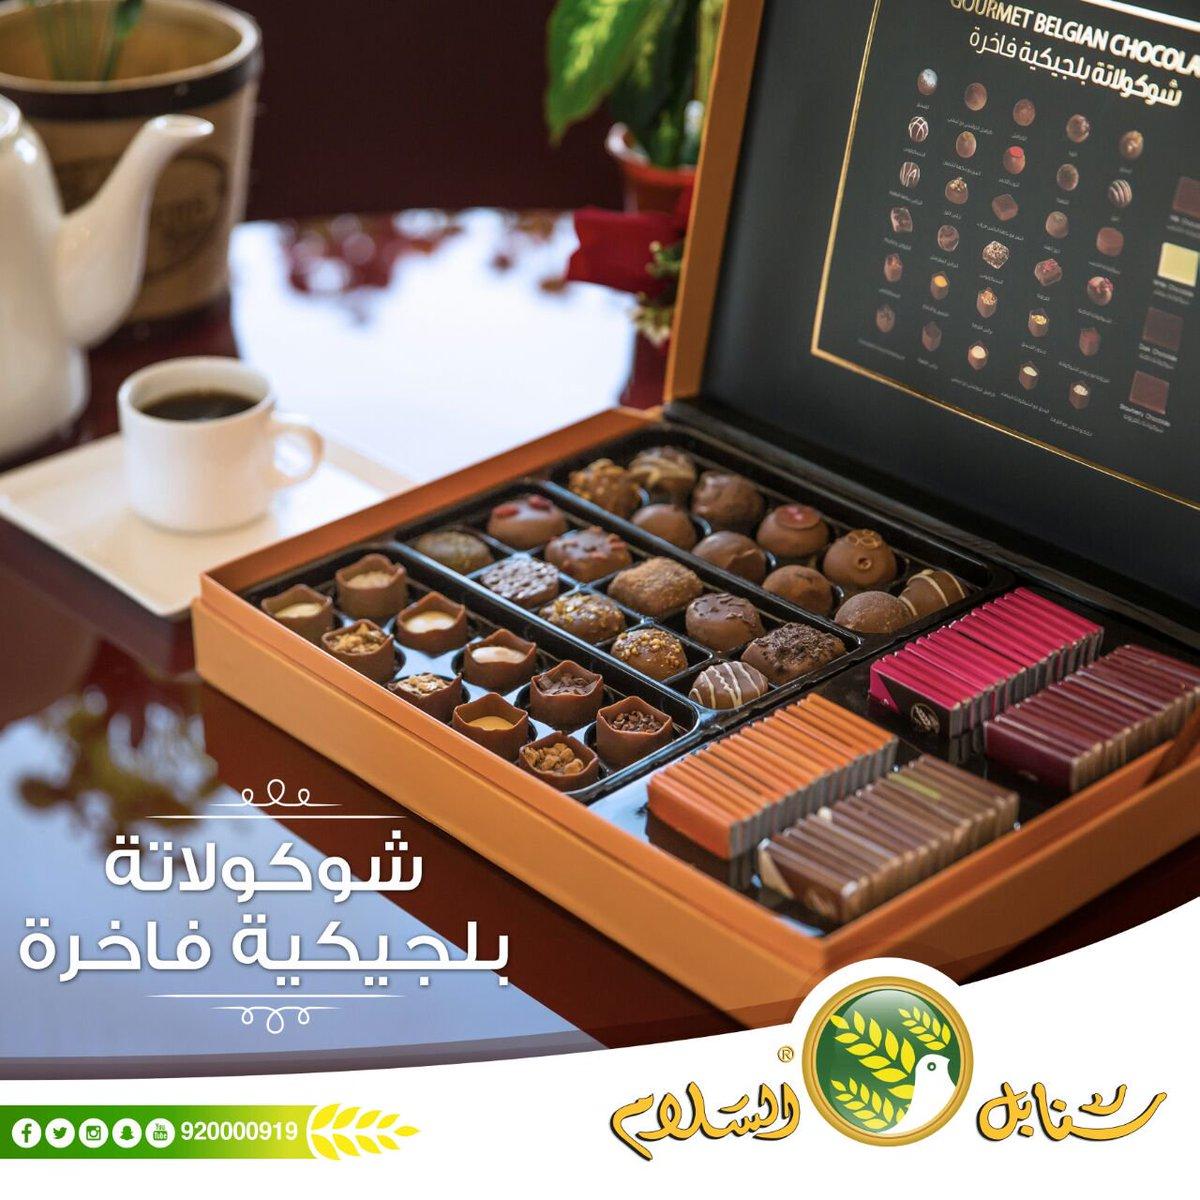 RT @SAFM_KSA: #شوكولاتة_بلجيكية_فاخرة مذاق فريد يرضي ذائقتكم 😉😍 ..  #سنابل_السﻻم https://t.co/h57PIvP6et